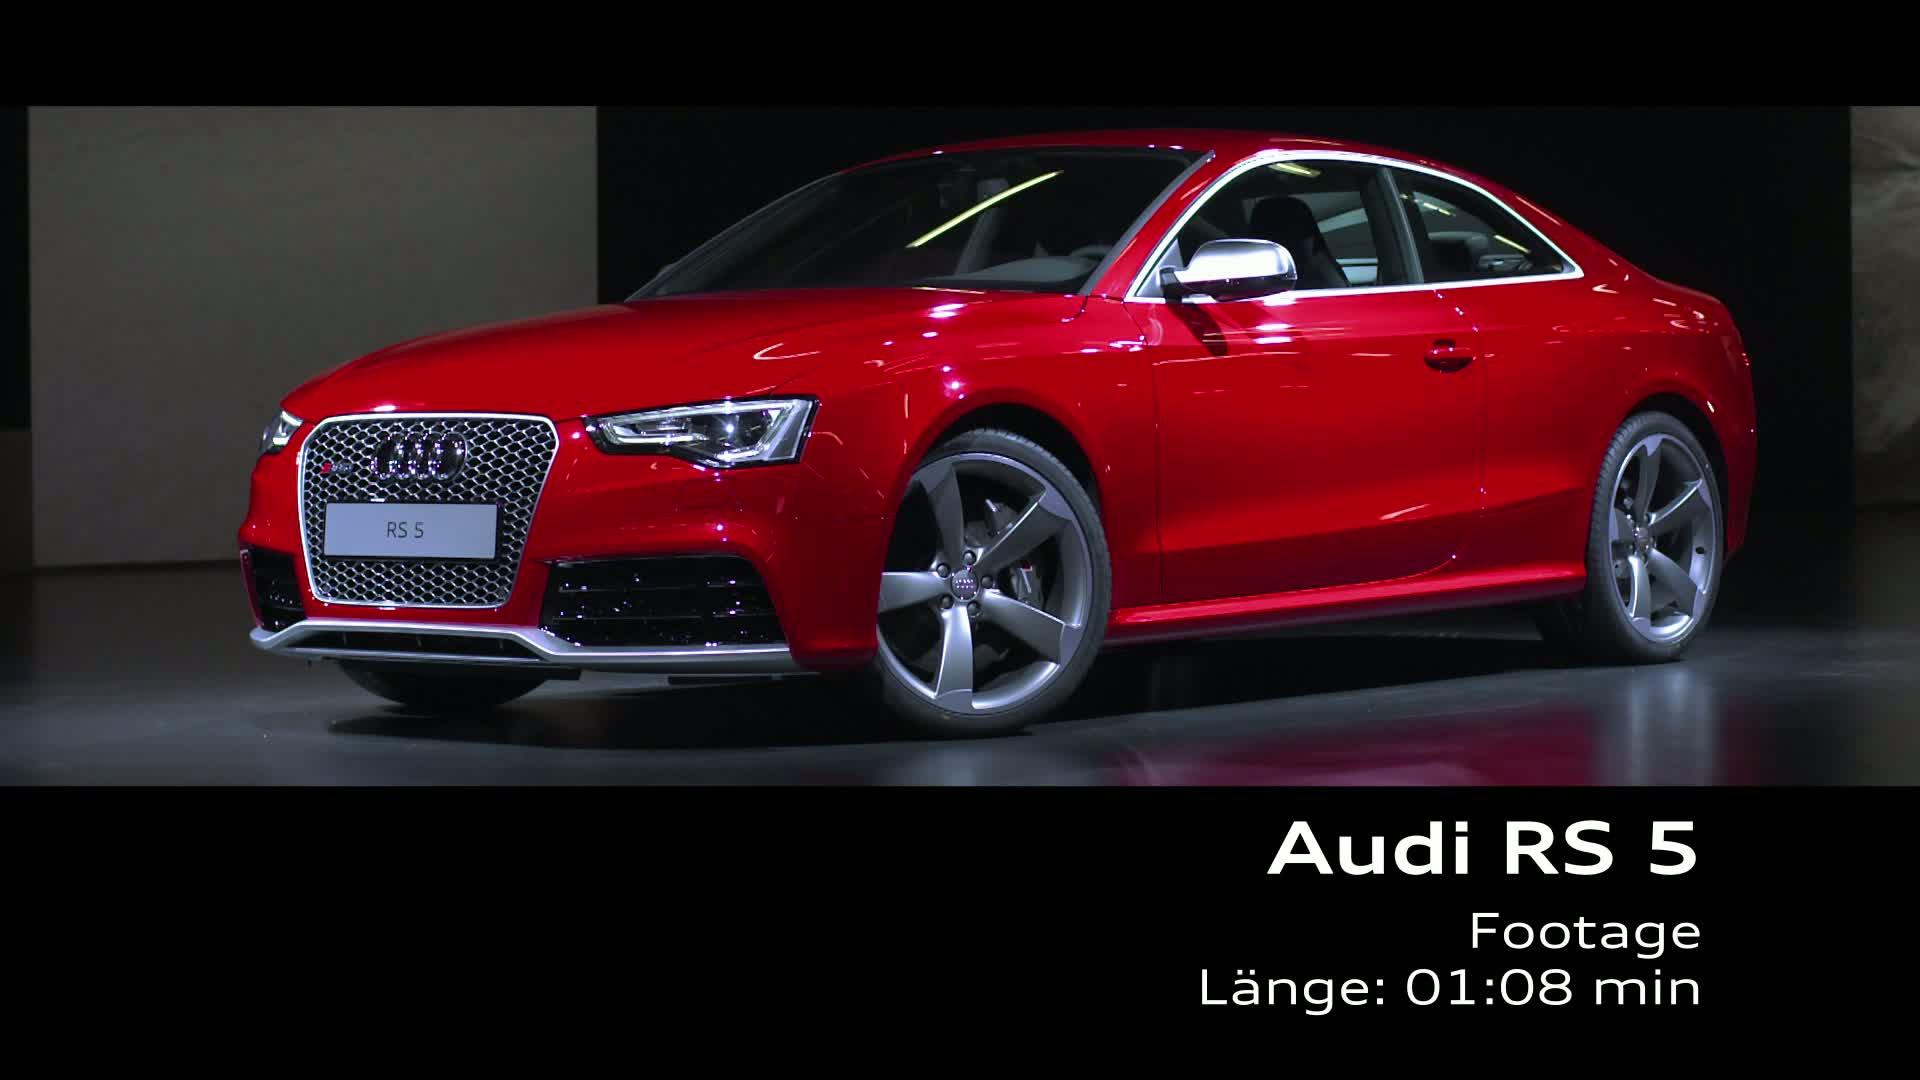 The Audi RS 5 Coupé - Footage